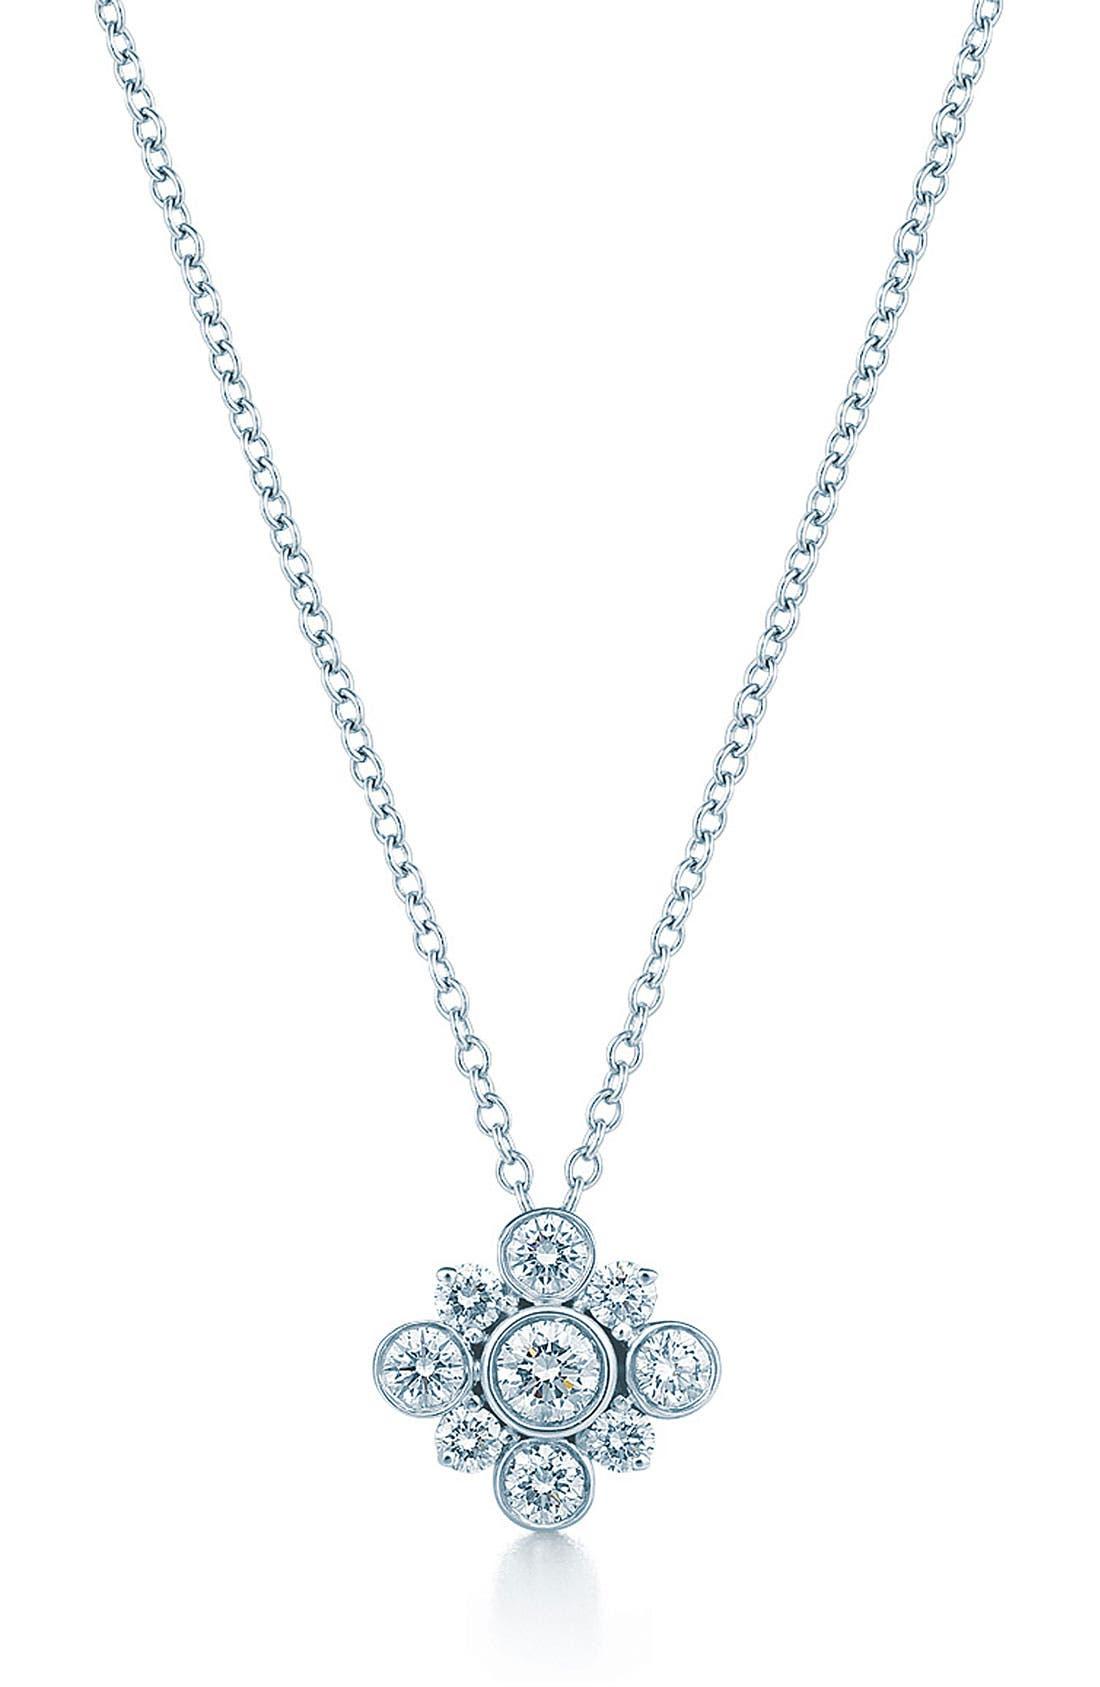 Main Image - Kwiat 'Petal' Diamond Pendant Necklace